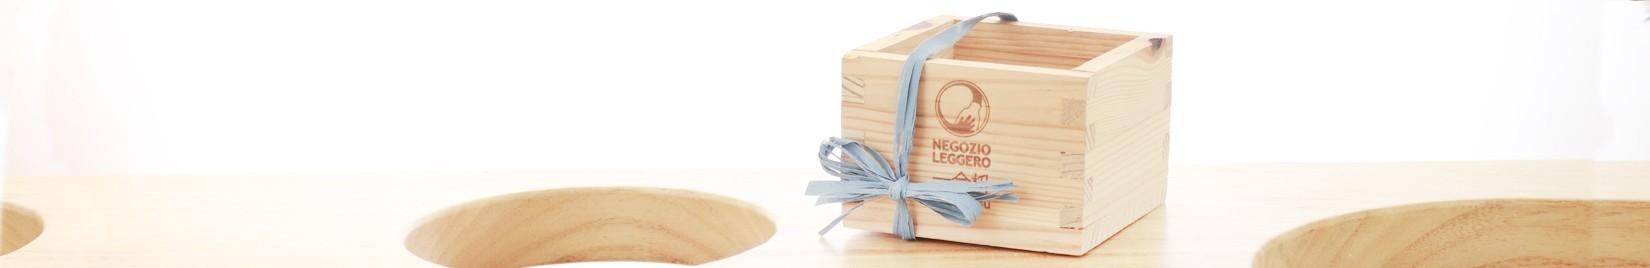 Les idées cadeaux en vrac et zéro déchet de Negozio Leggero